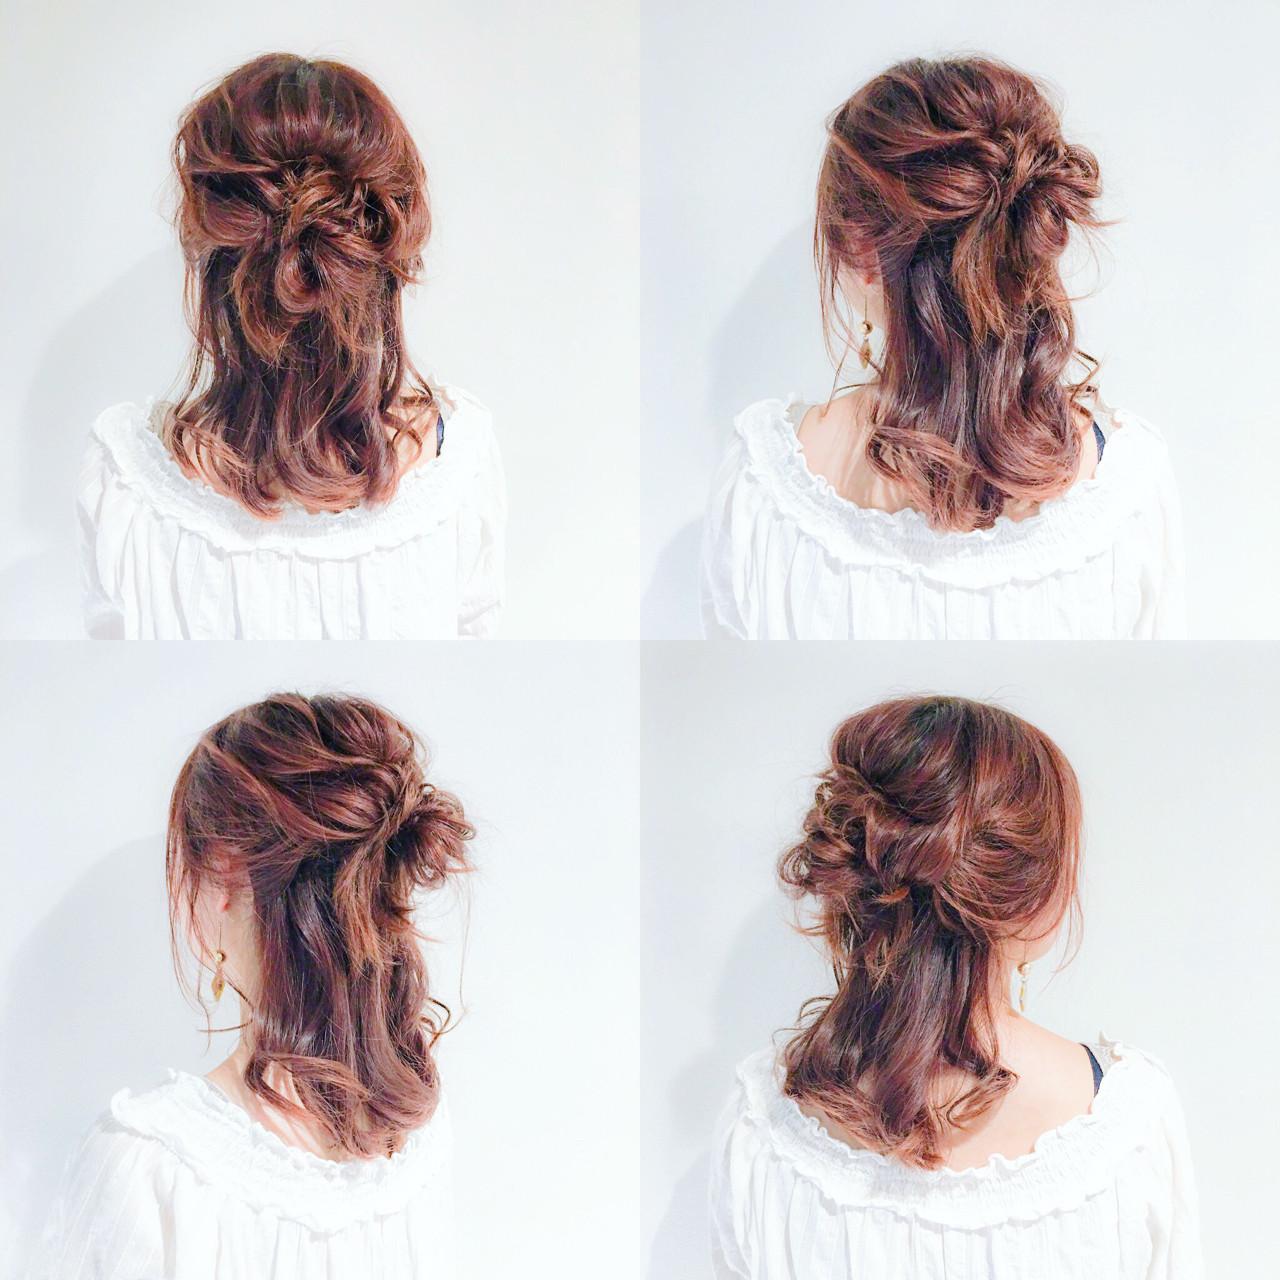 簡単ヘアアレンジ ハーフアップ フェミニン 外国人風 ヘアスタイルや髪型の写真・画像 | 美容師HIRO/Amoute代表 / Amoute/アムティ